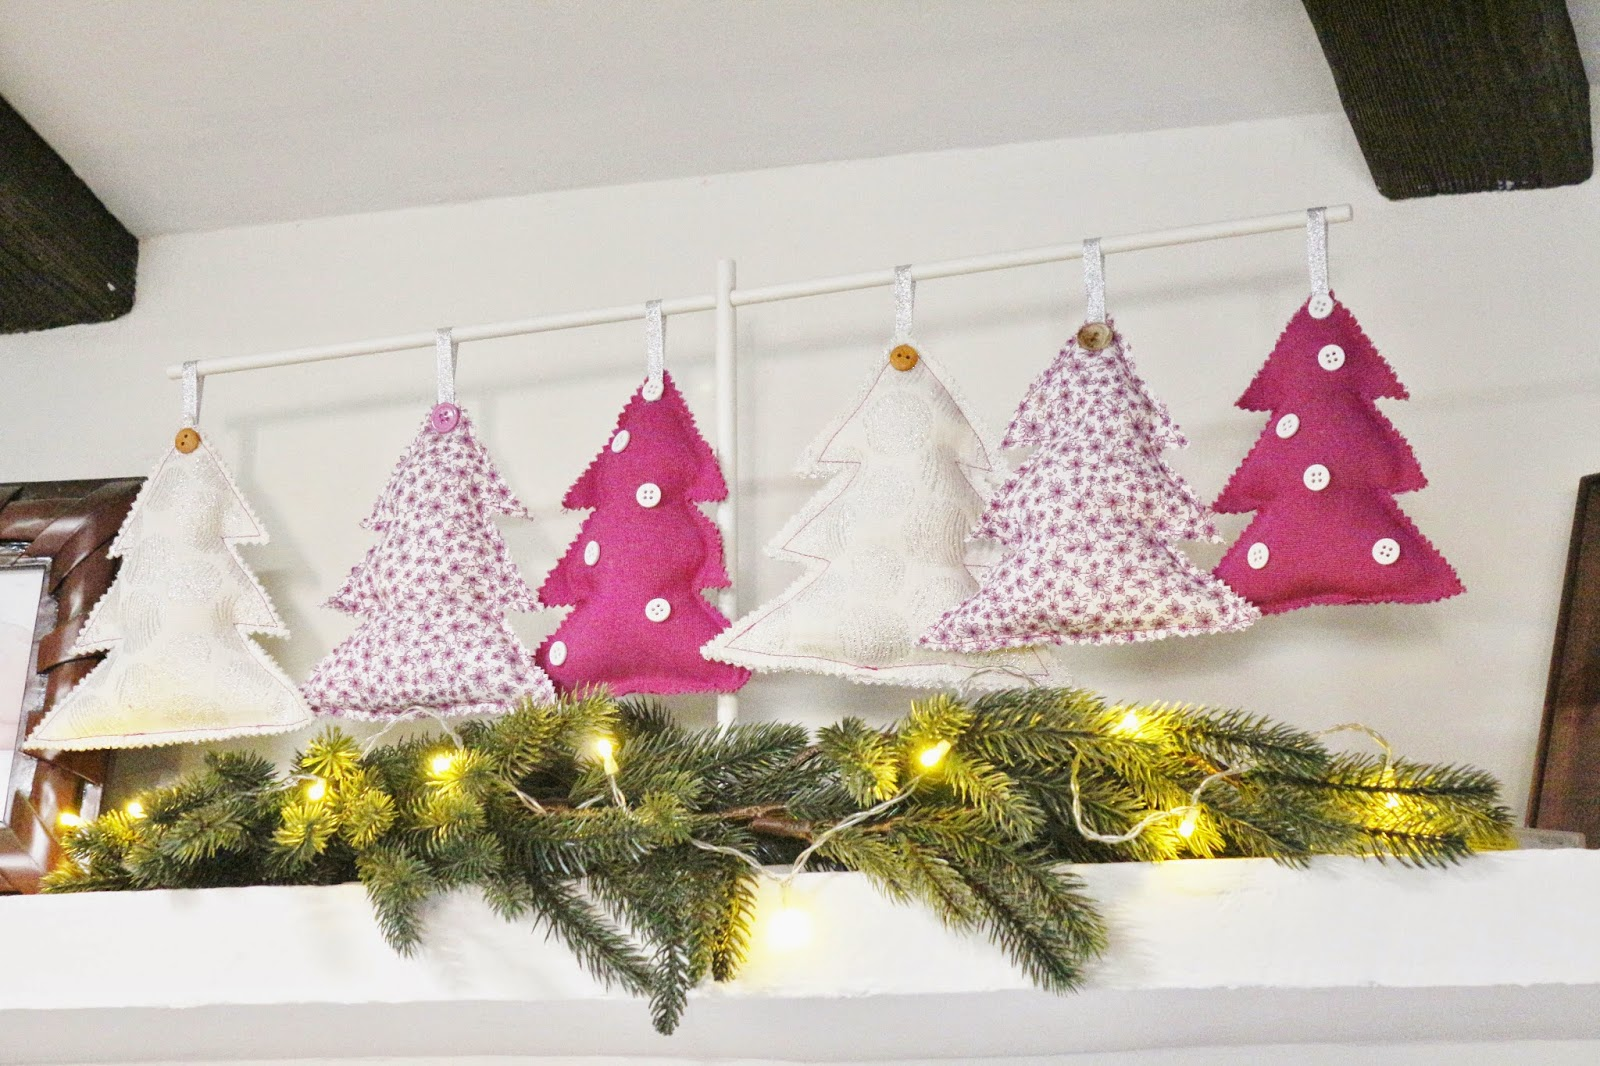 Como hacer adornos navidad paso a paso aprender for Adornos navidad en casa